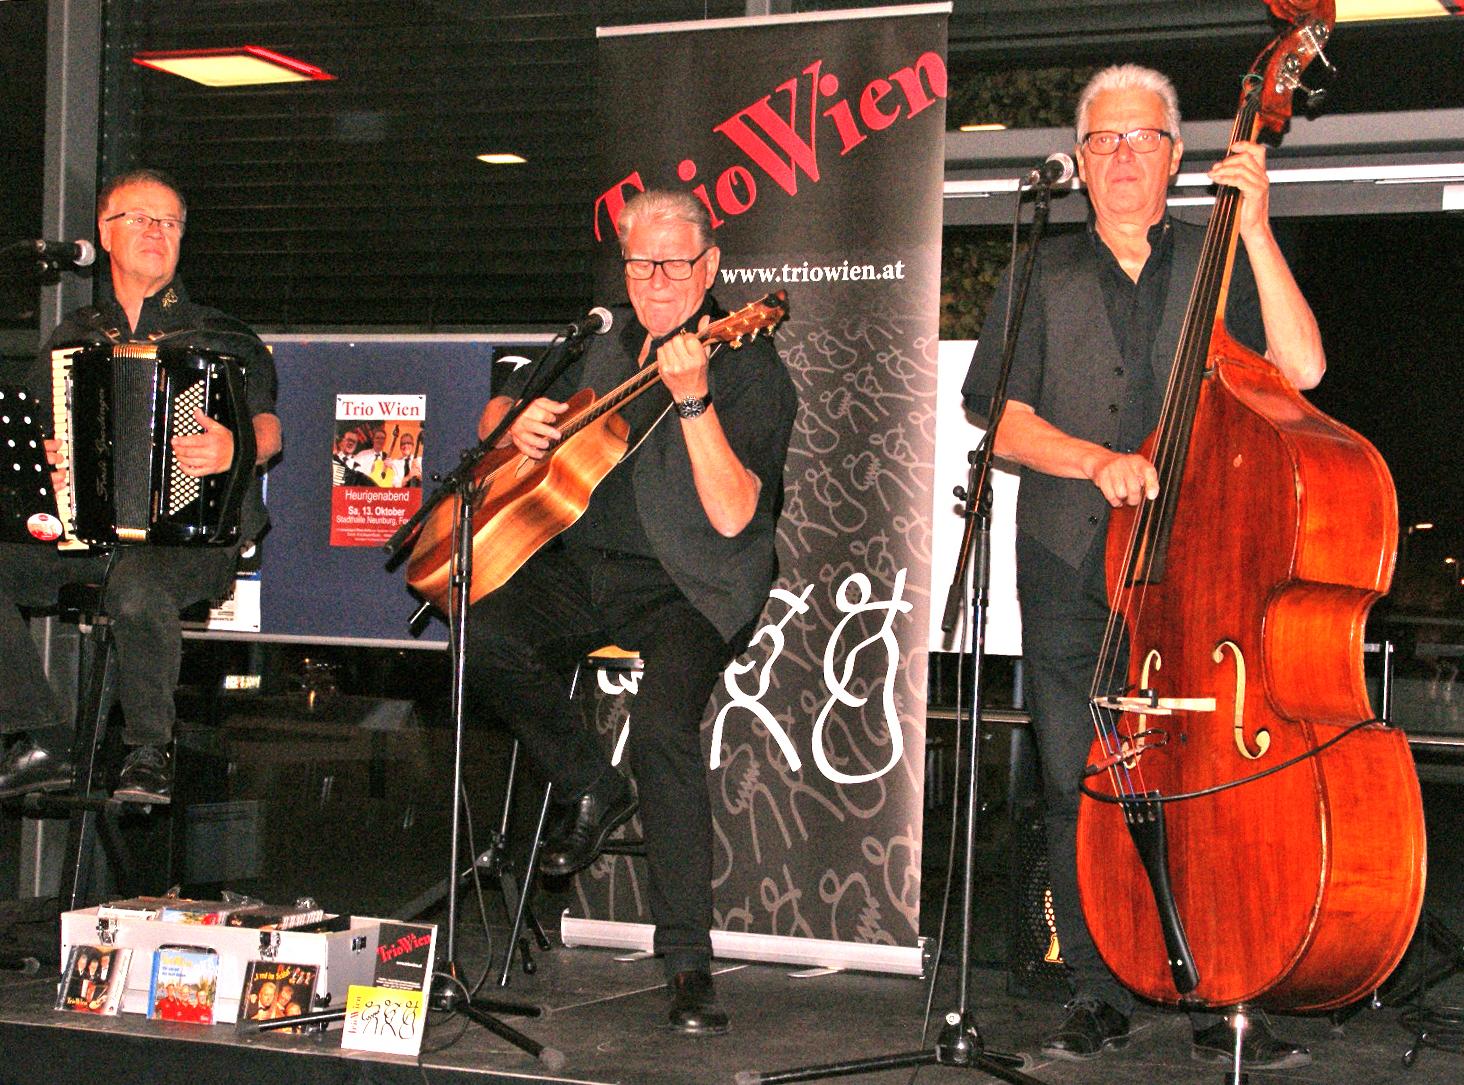 Das Trio Wien lieferte im Foyer der Schwarzachtalhalle überzeugendes musikalisches Entertainment. Fotos: Alfred Grassmann